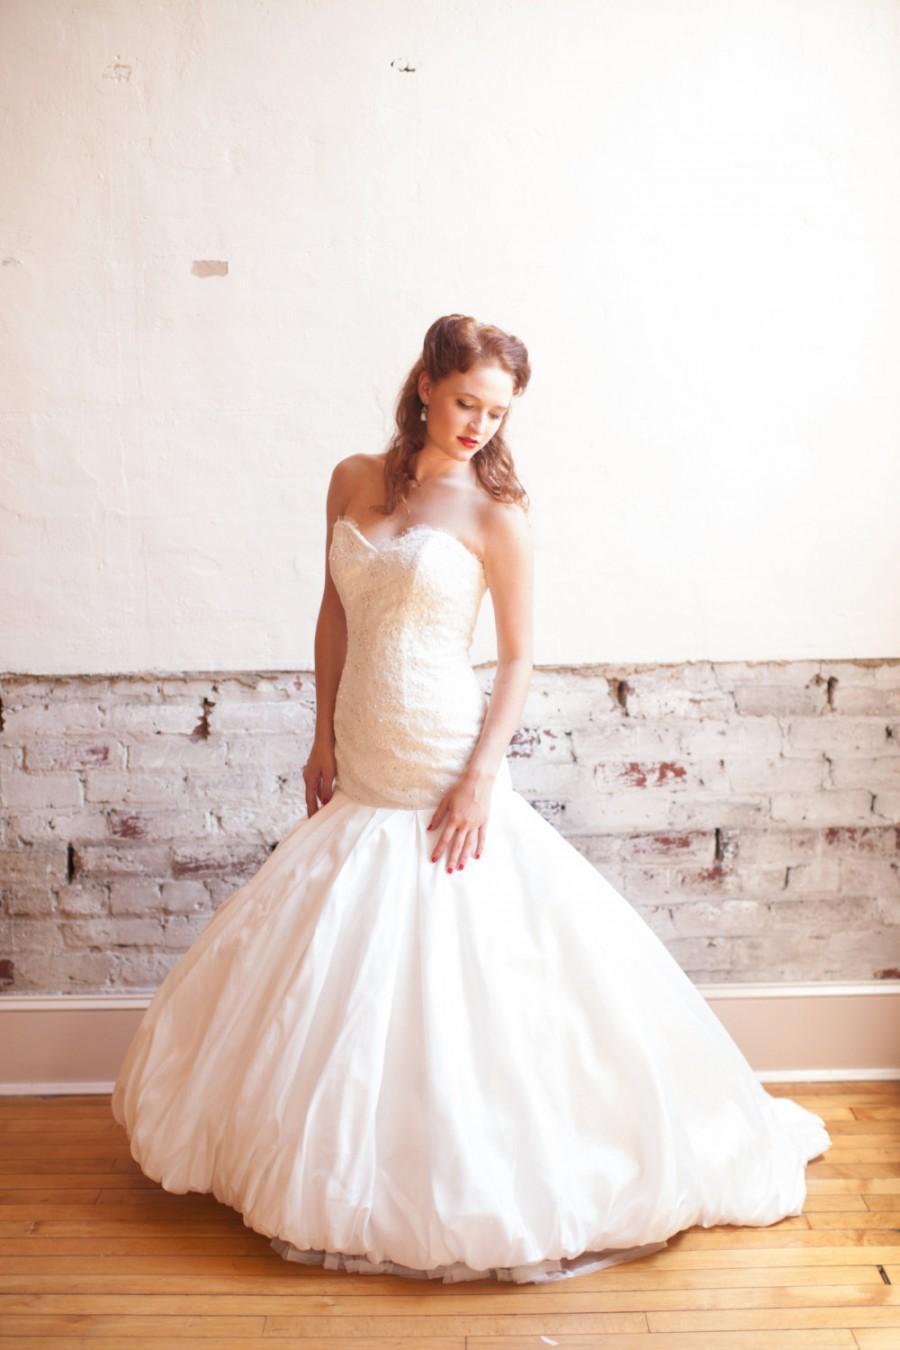 Bubble Hem Wedding Dress With Alencon Lace Bodice And Eyelash Fringe